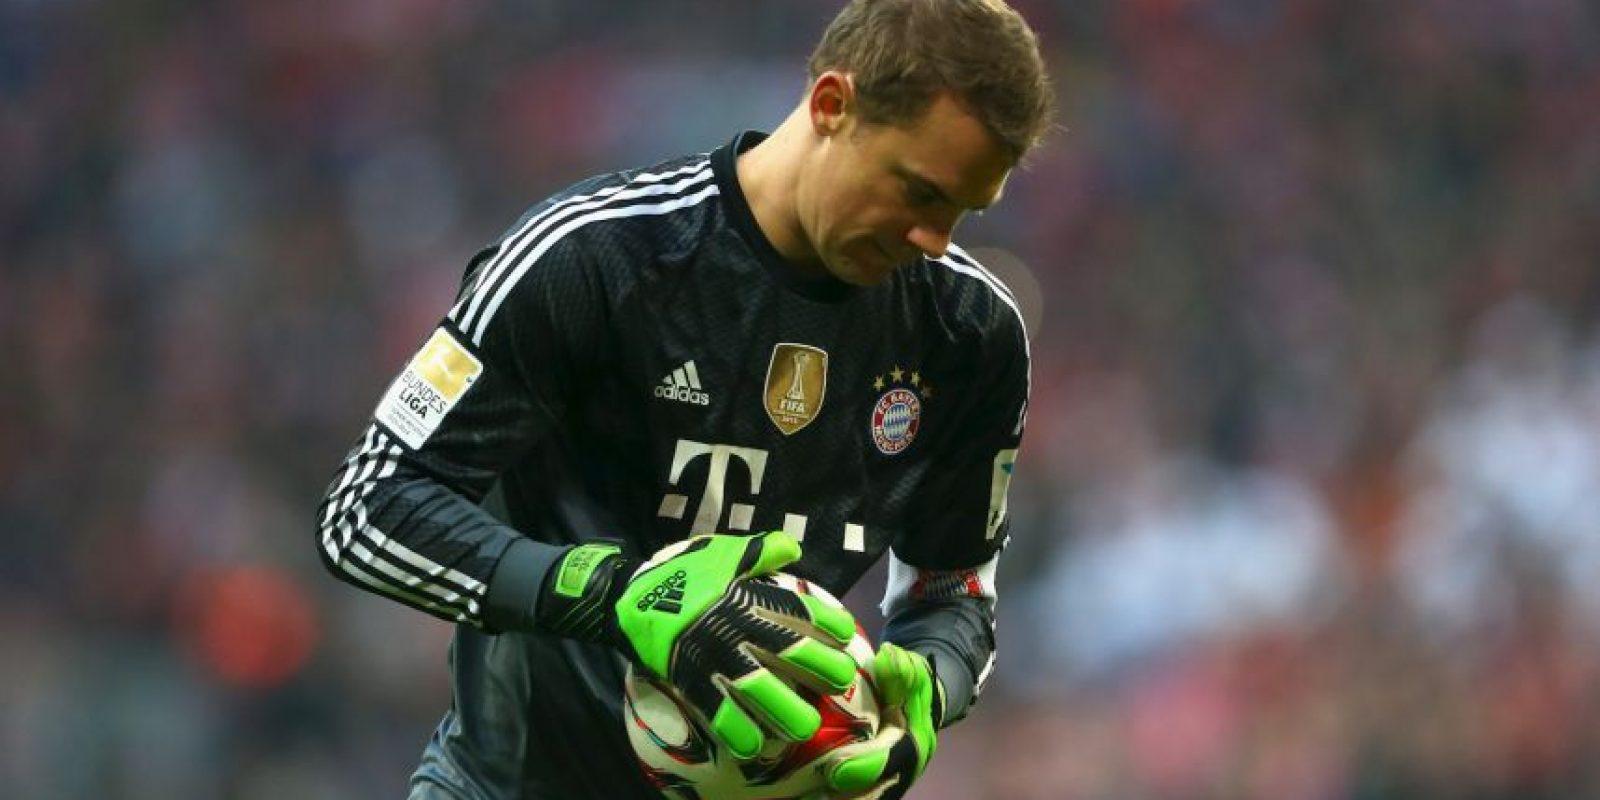 El portero alemán Manuel Neuer Foto:Getty